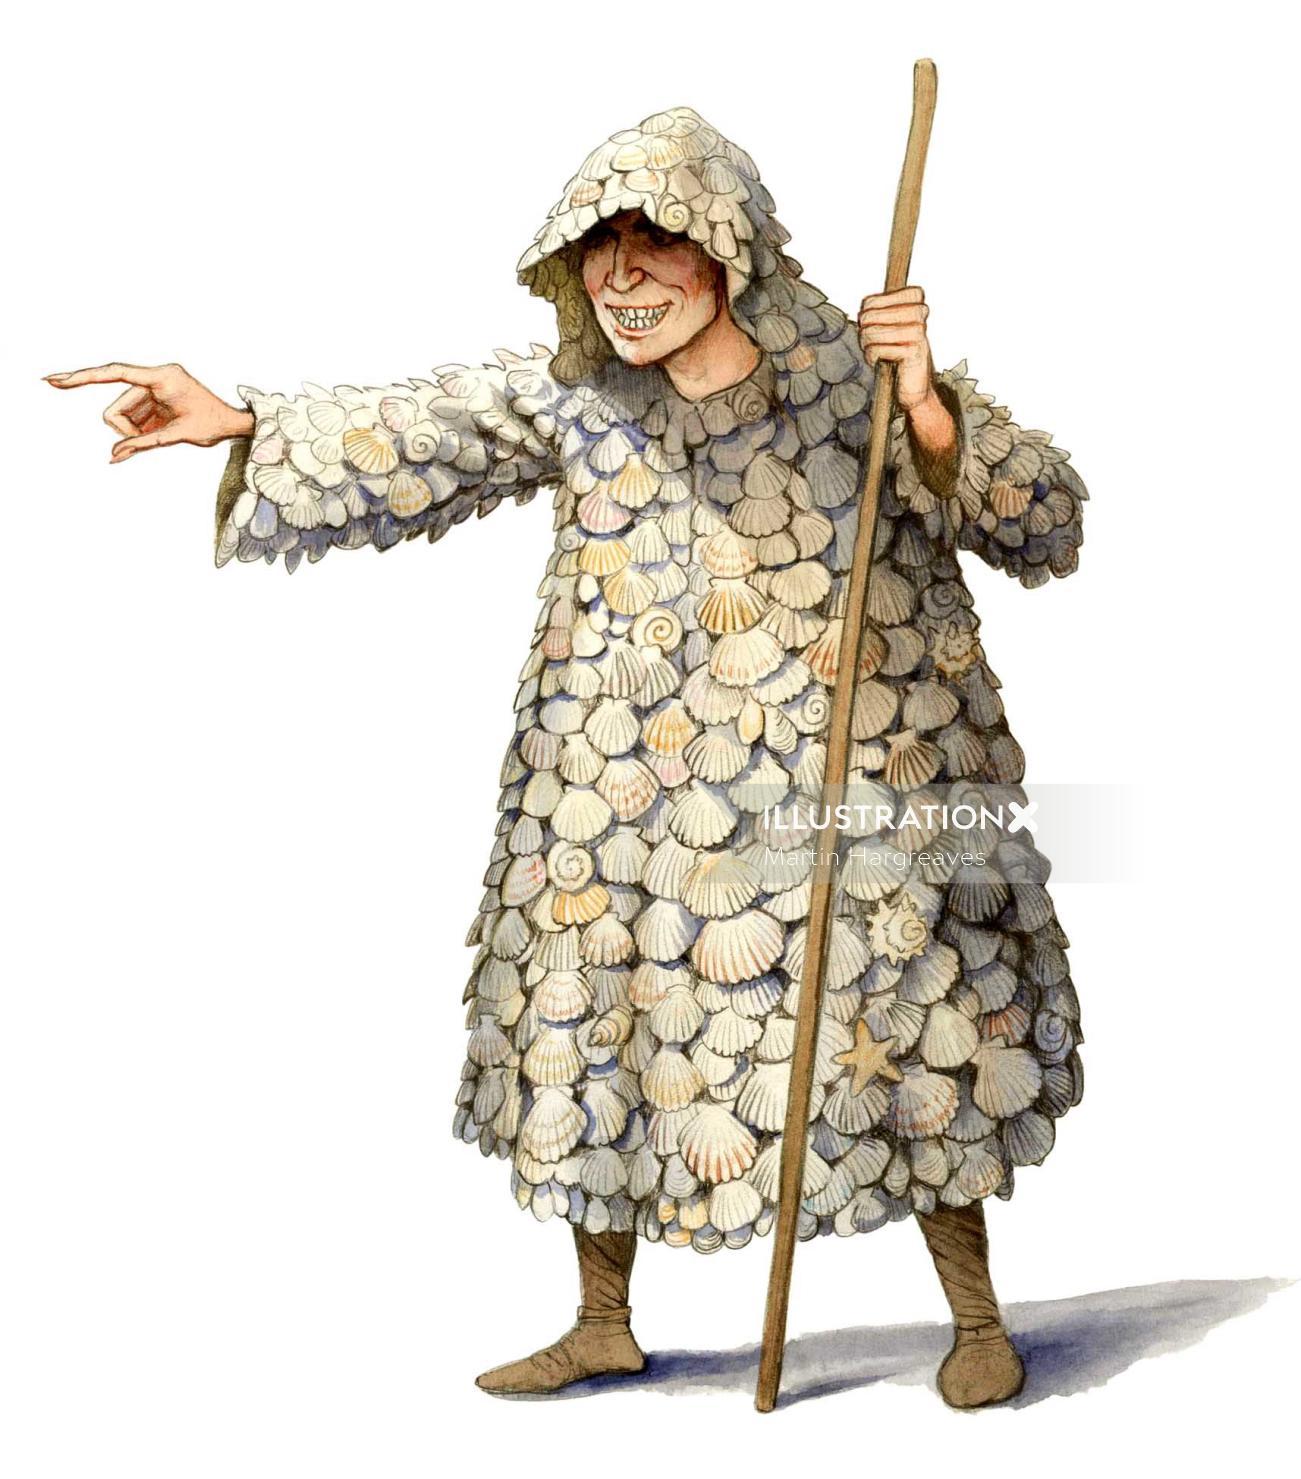 Fashion illustration of Shelly coat